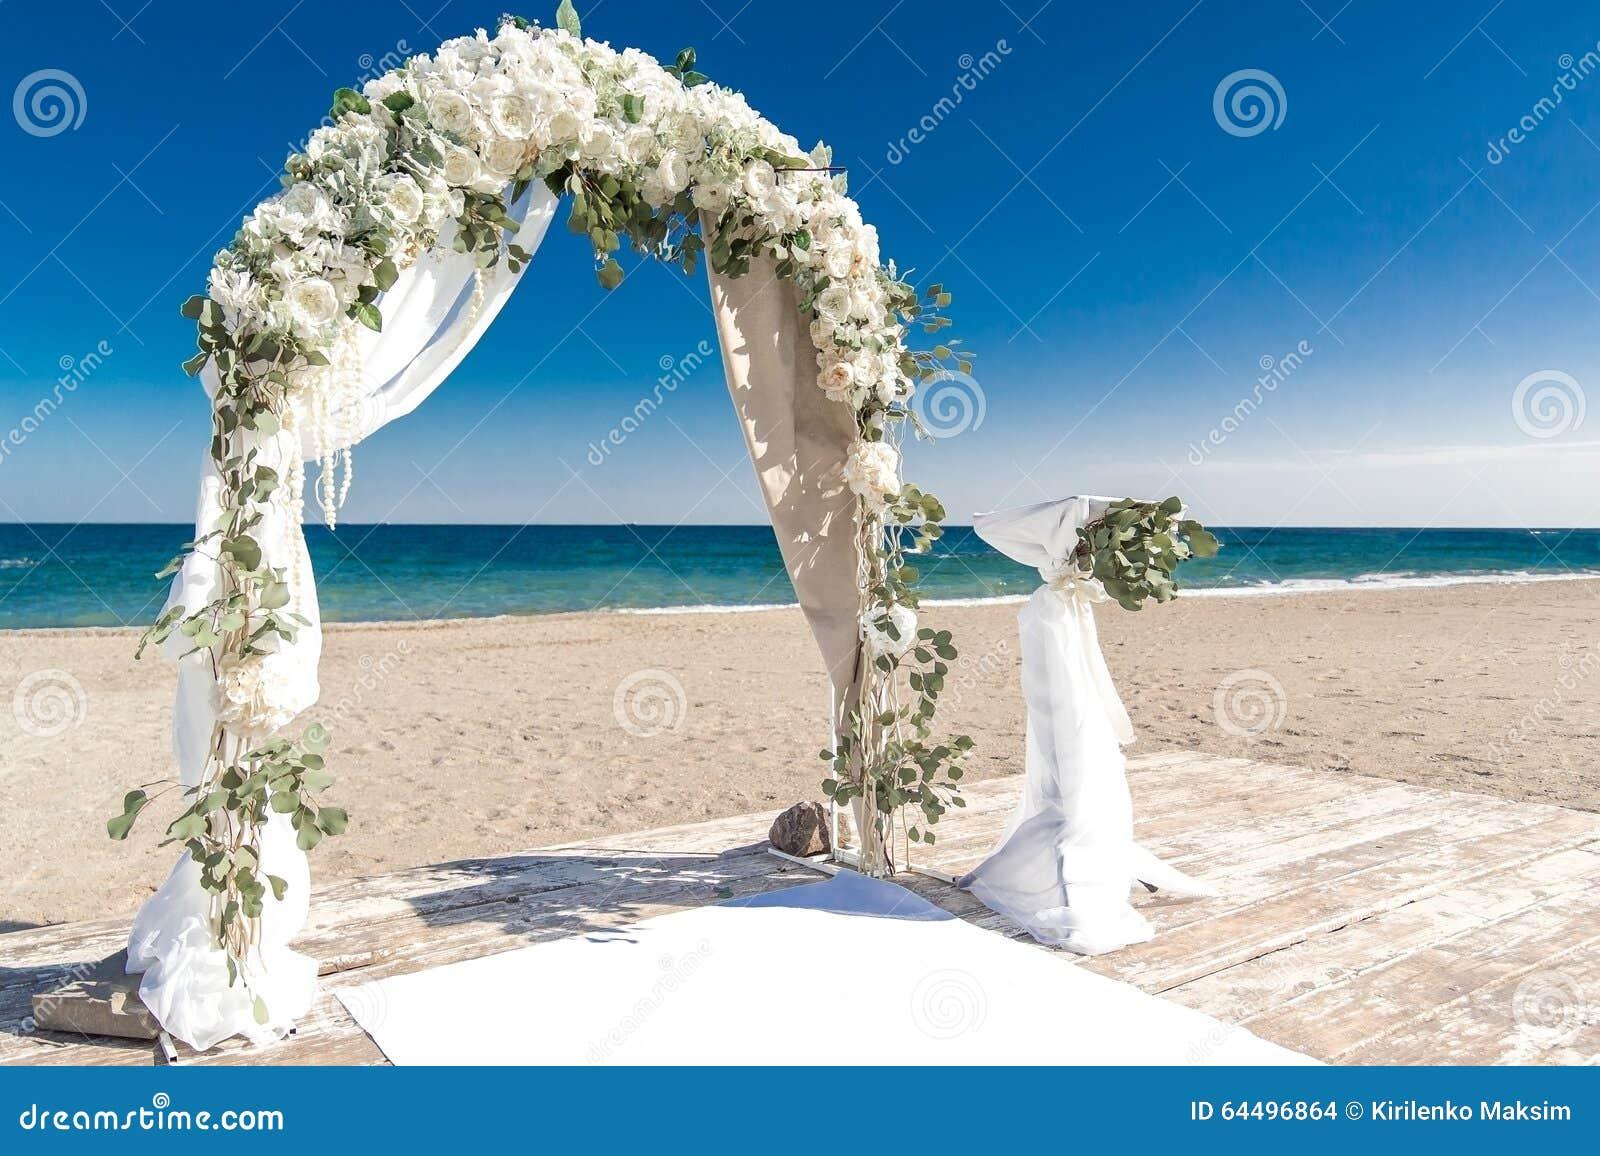 Big white wedding arch at ocean coast